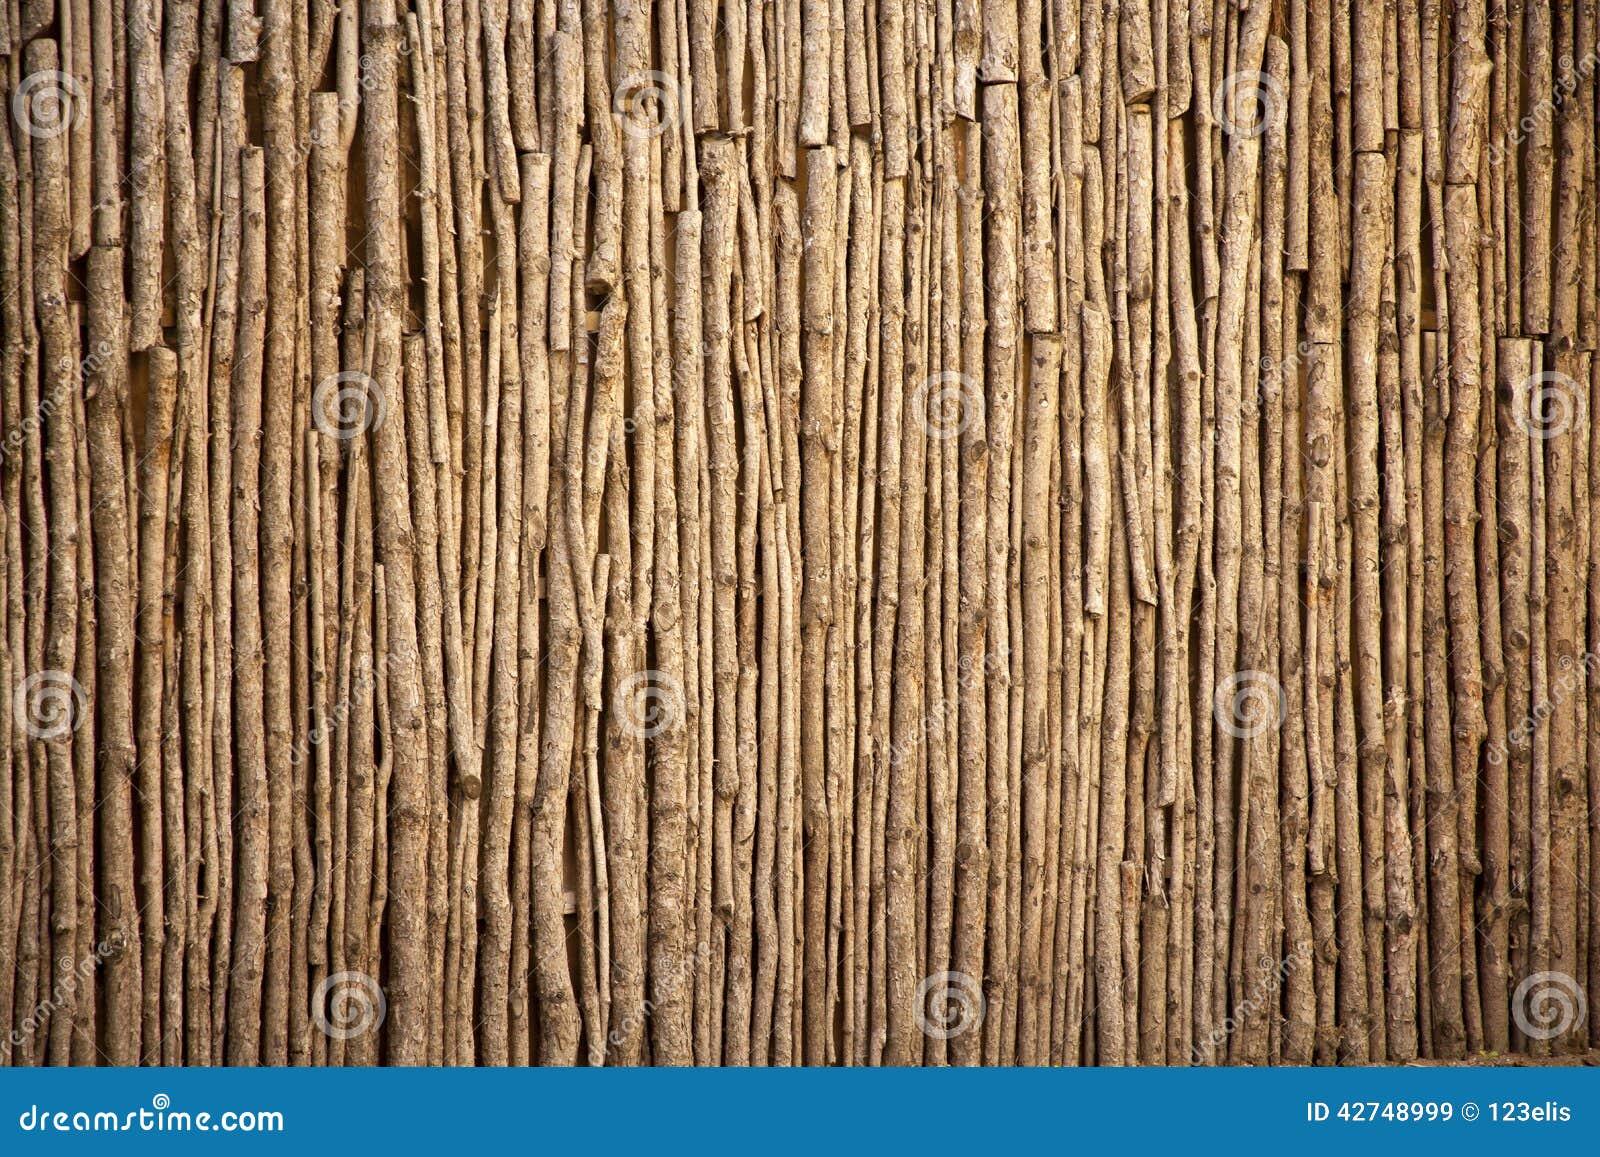 wood stick background stock photo image 42748999